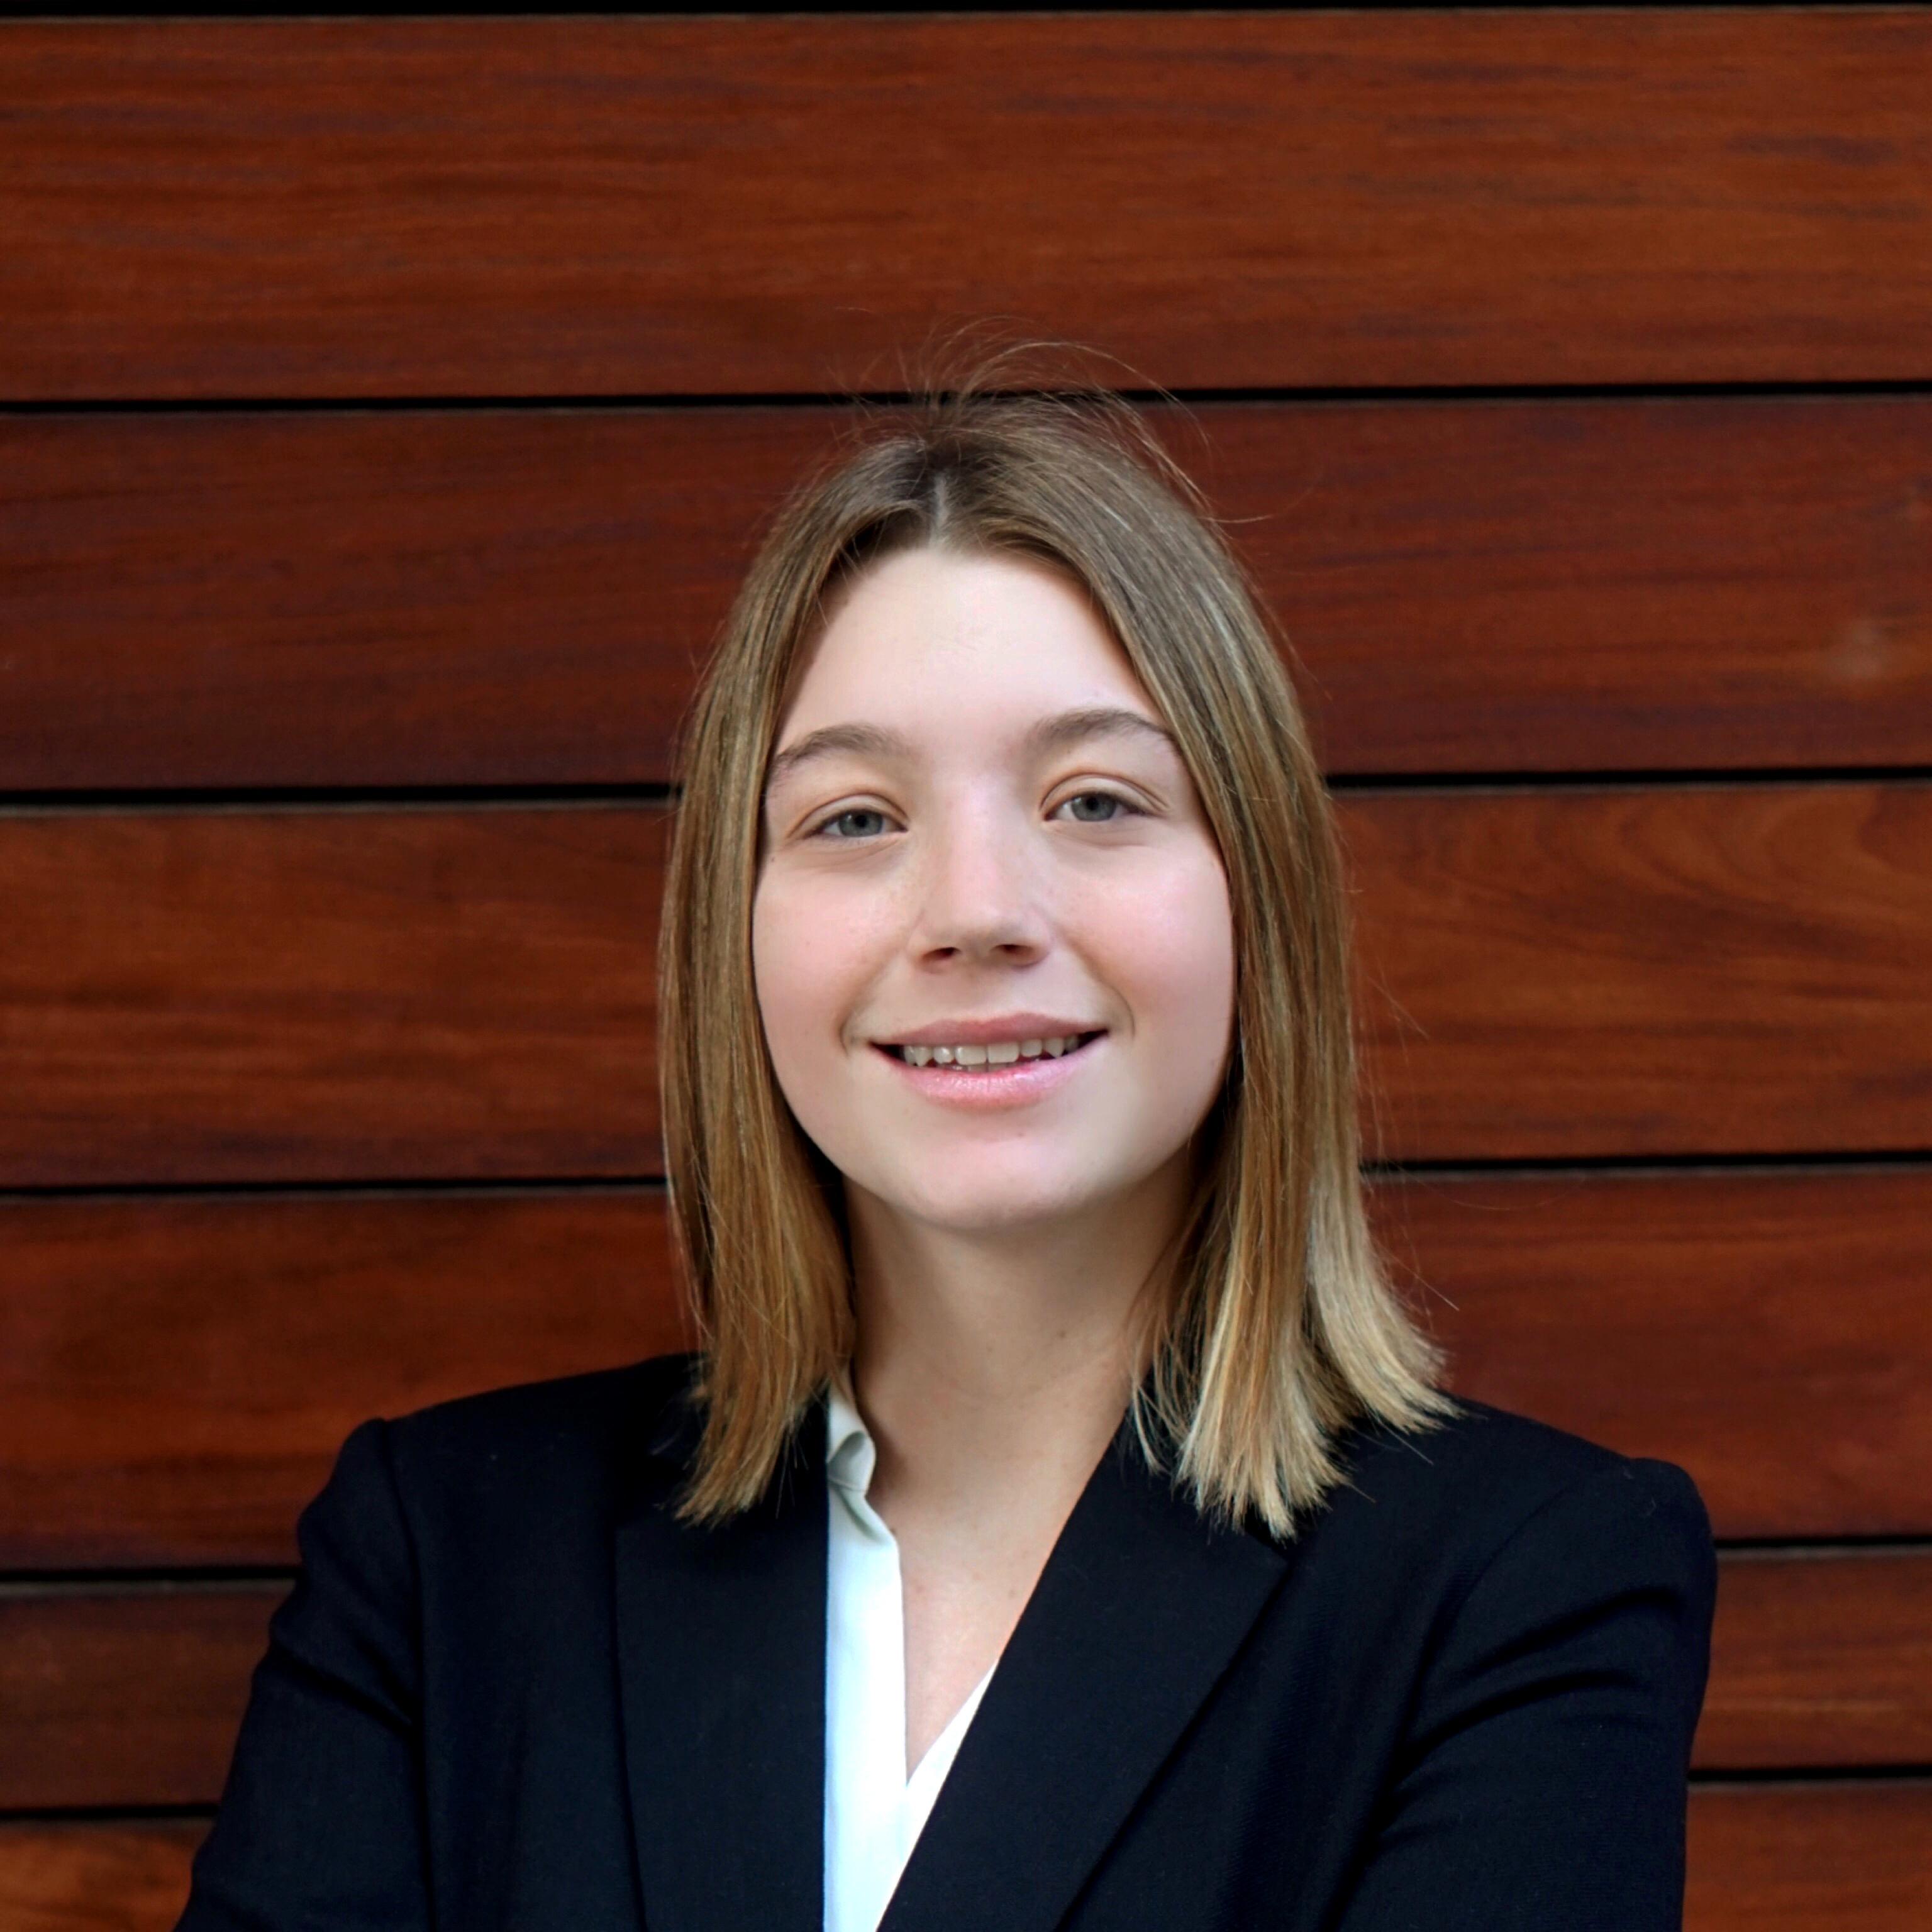 Rachel Dunton